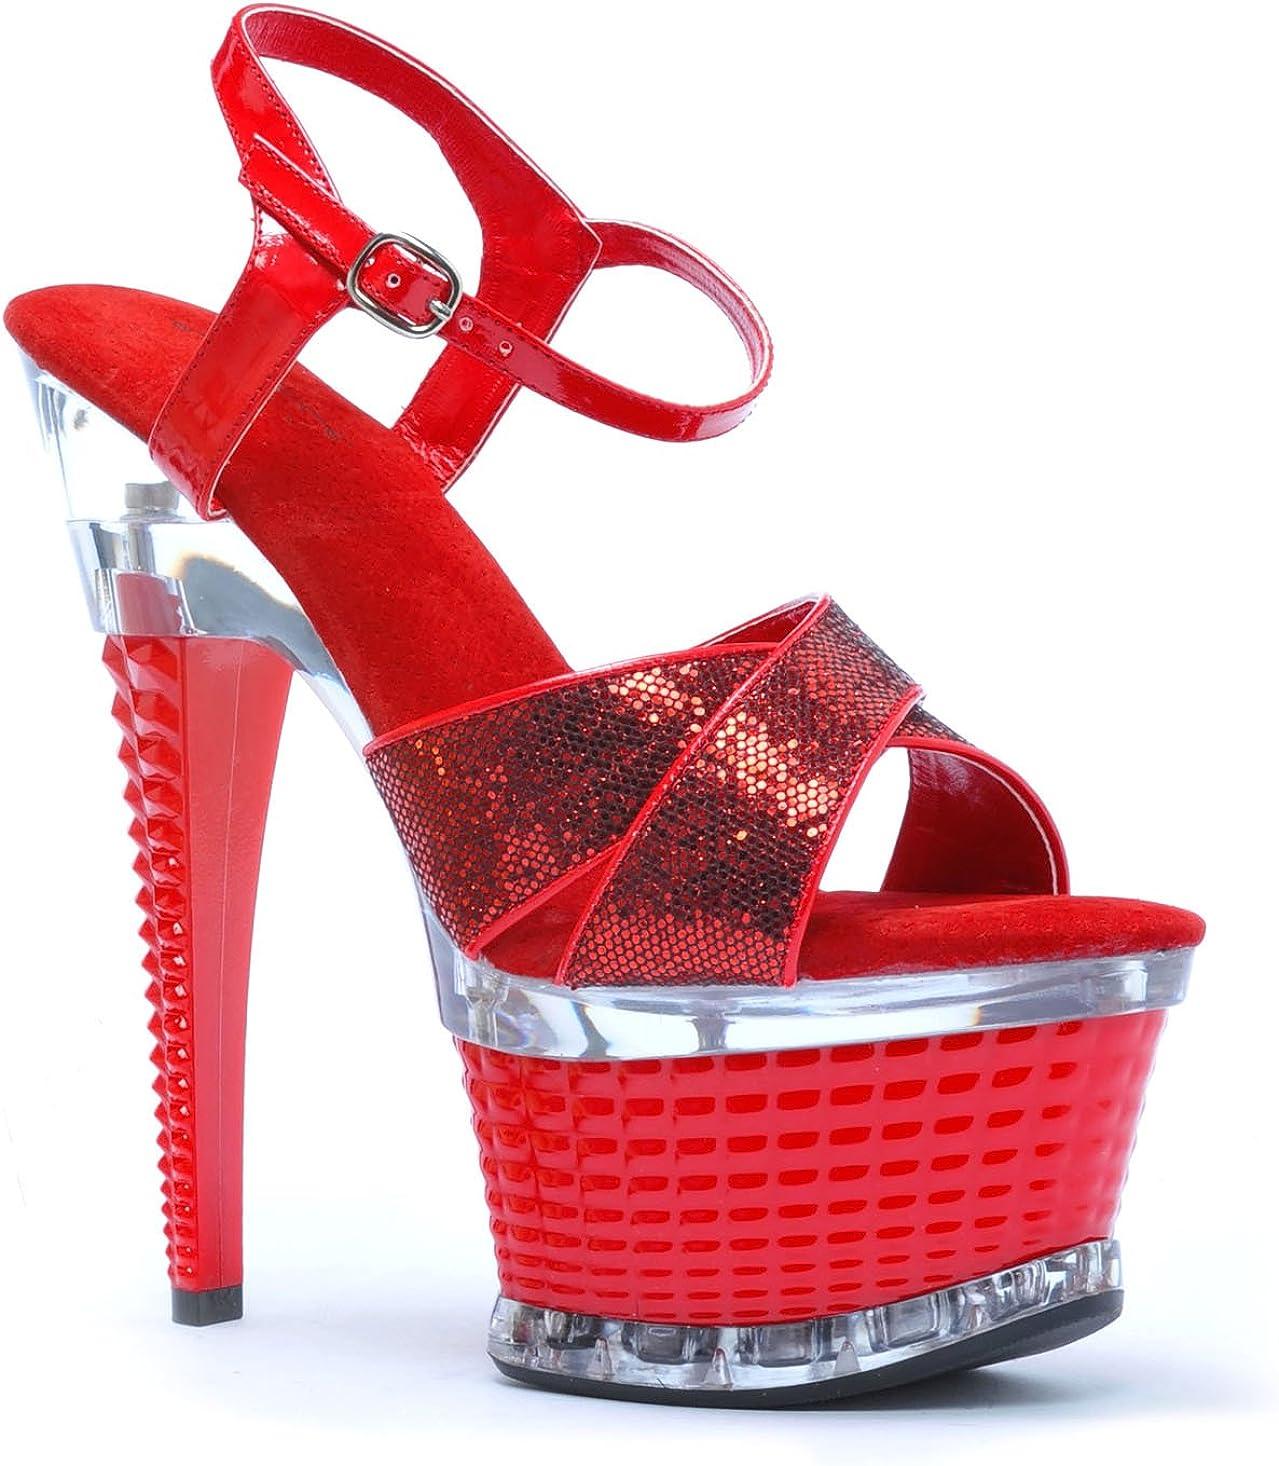 Ellie Shoes 6 Inch Heel Cross Vamp Strap Textured 2 Inch Platform Red Glitter;11